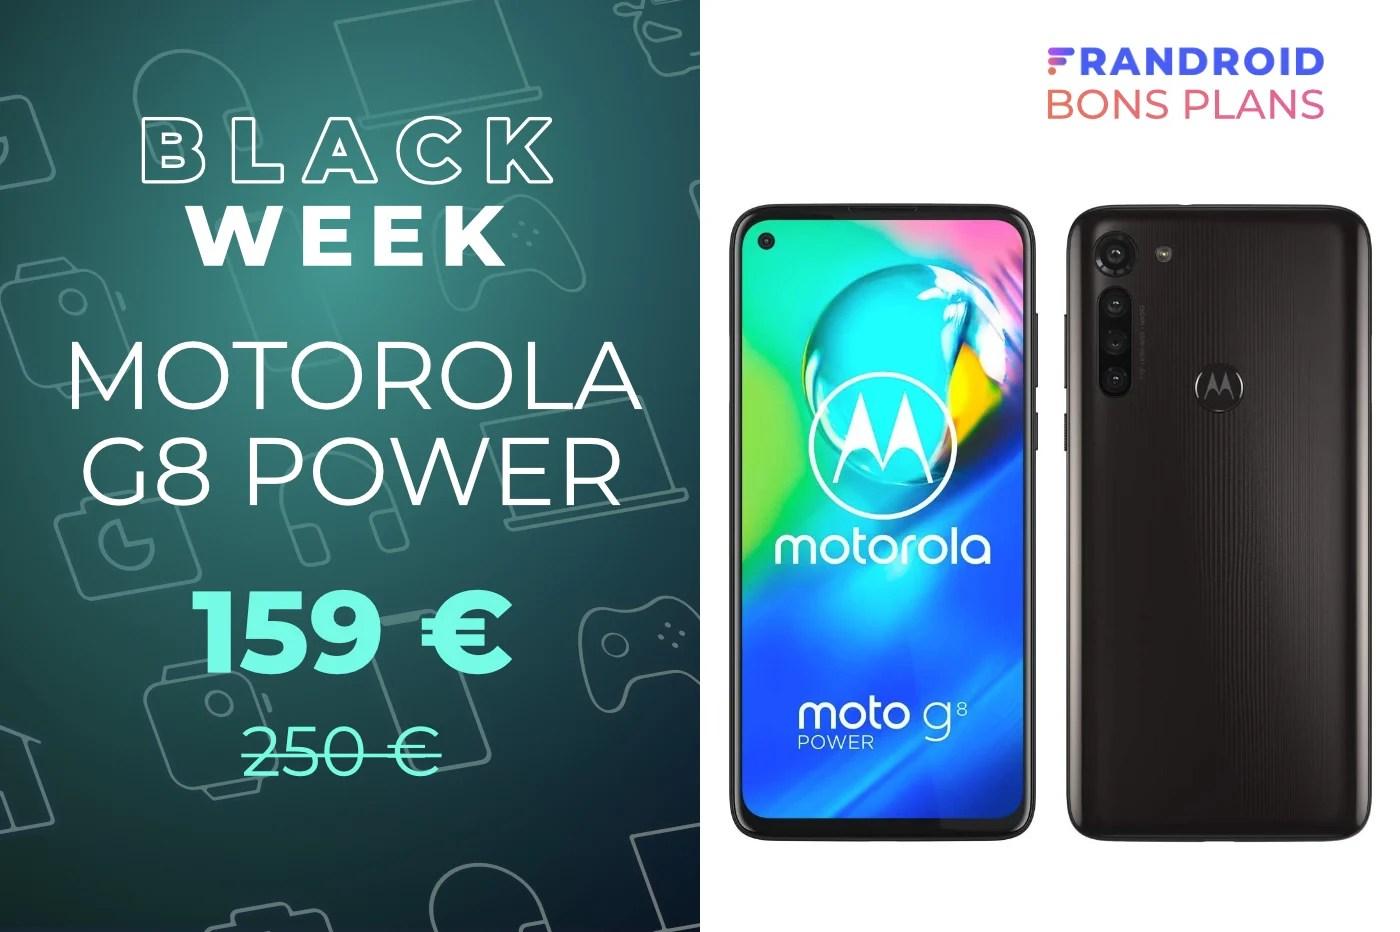 Une excellente autonomie avec le Motorola G8 Power en promo à 159 €